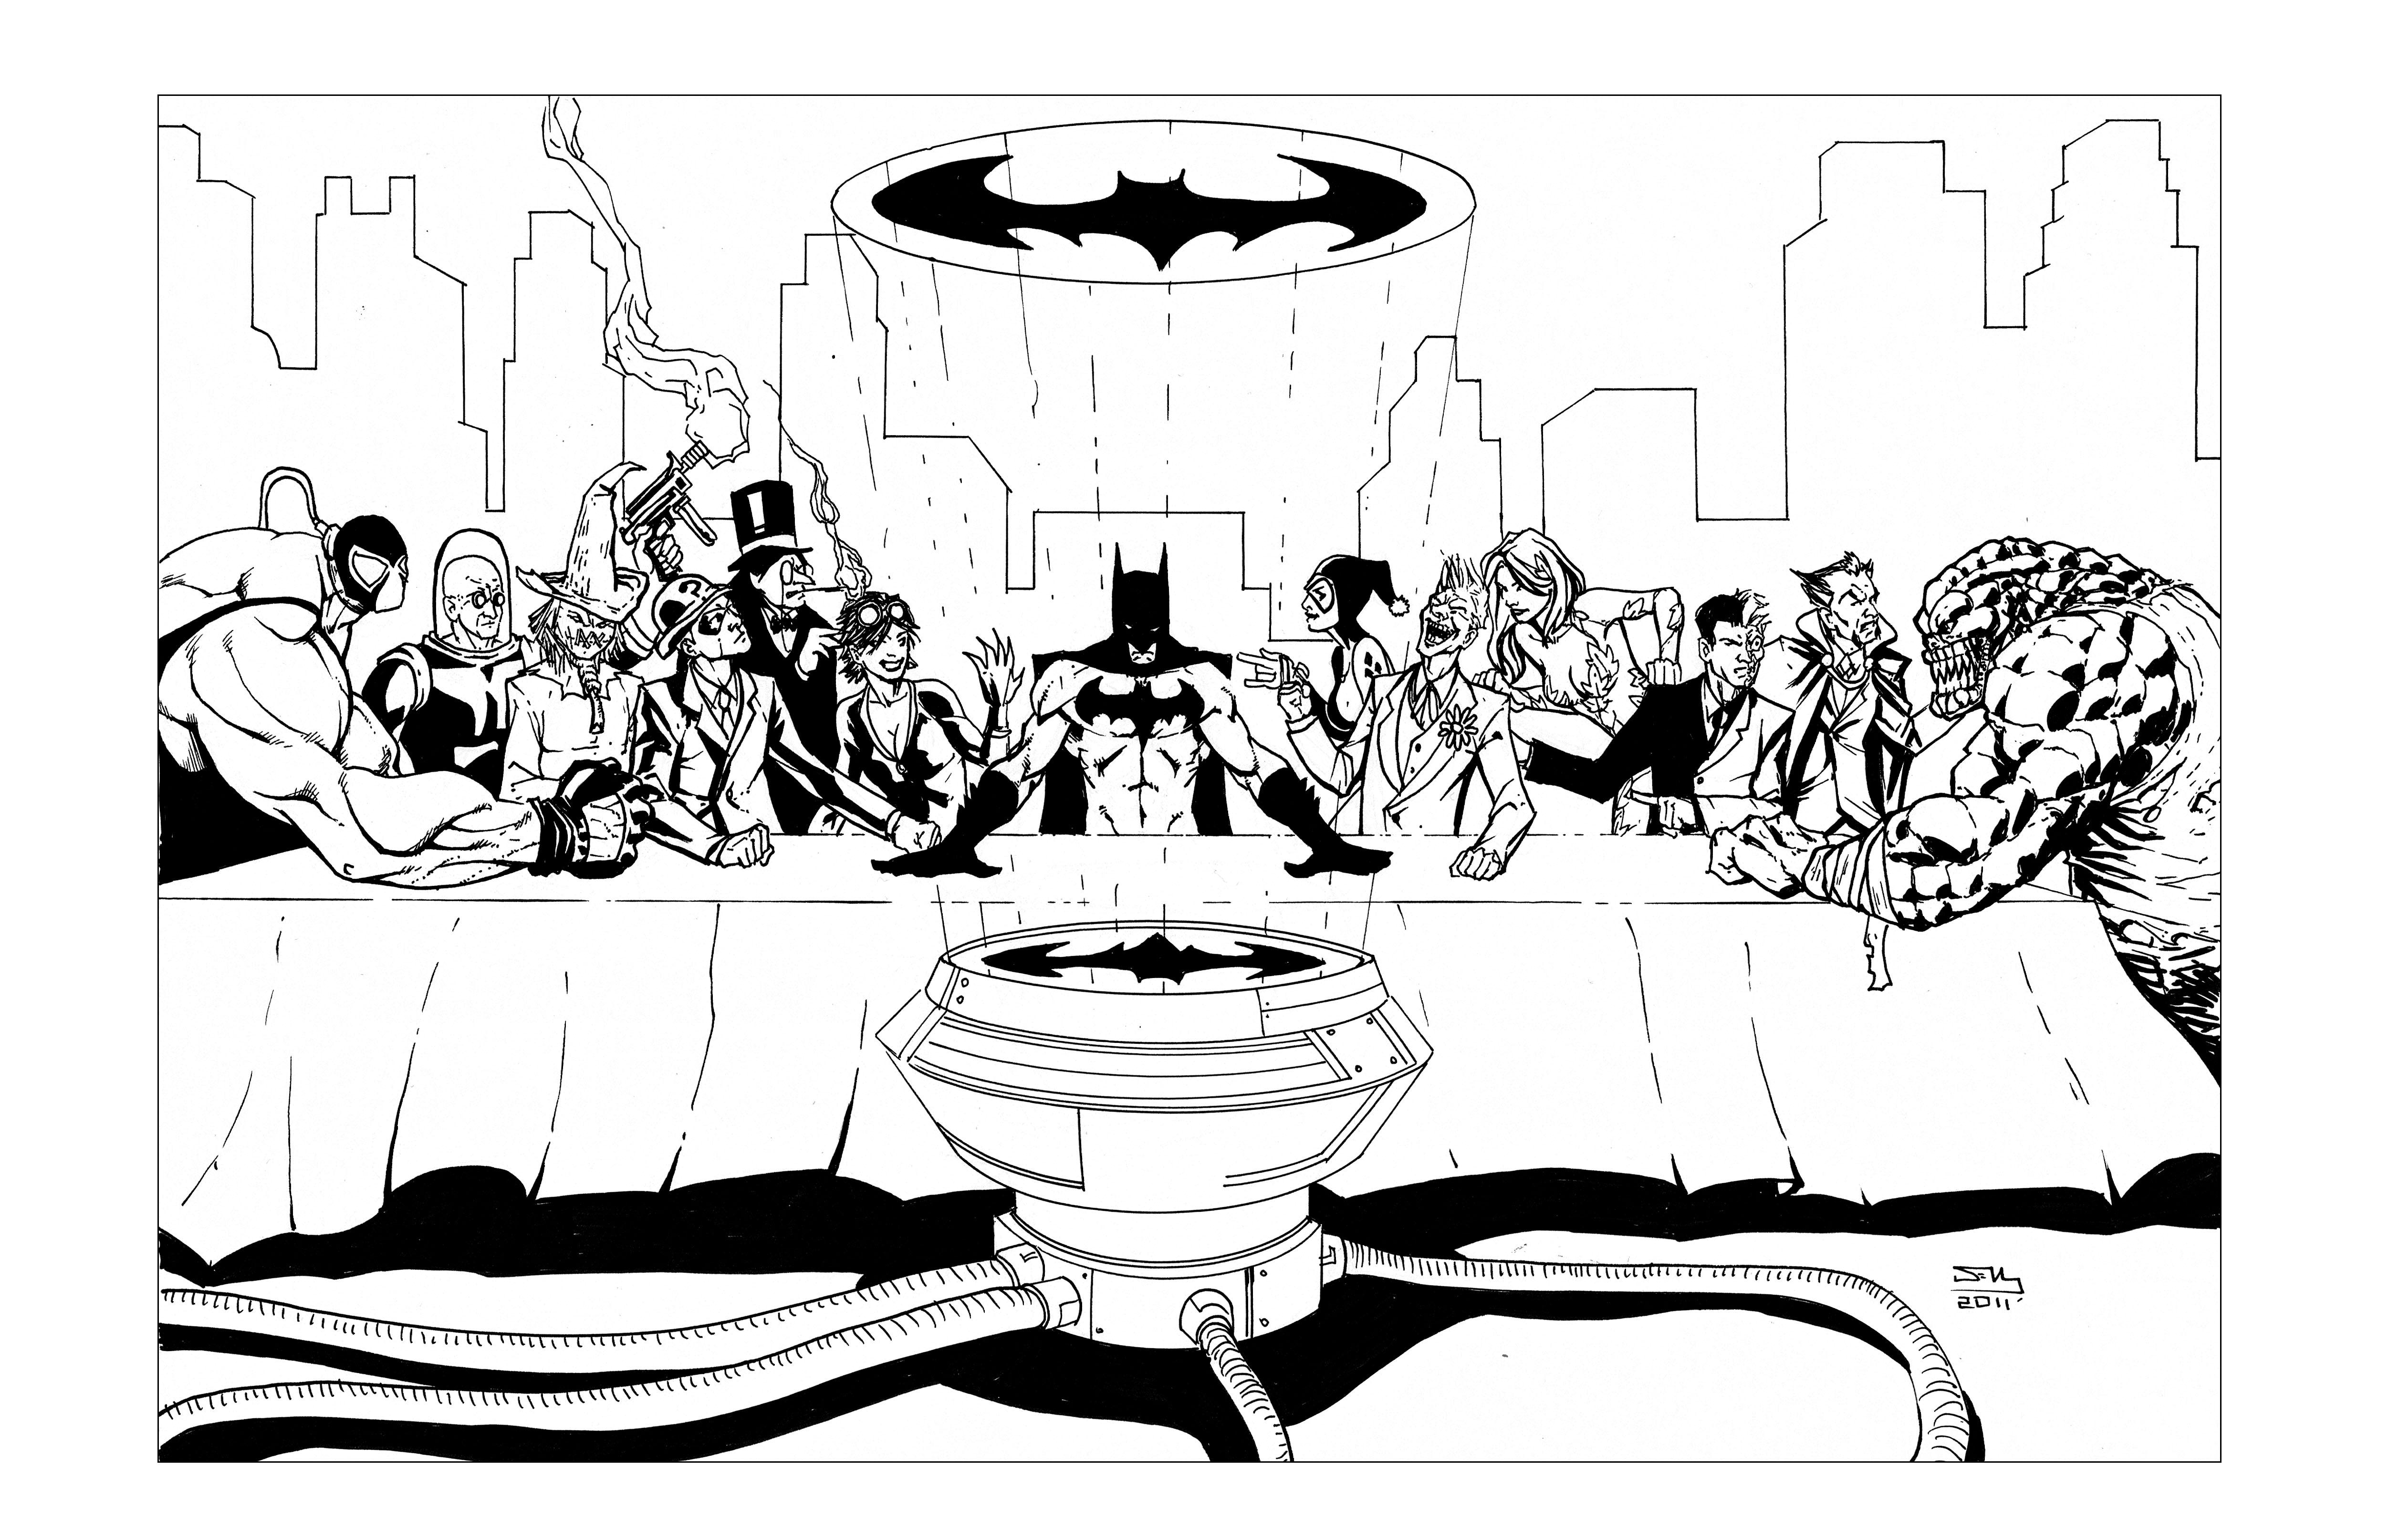 coloring pages batman villains - photo#9